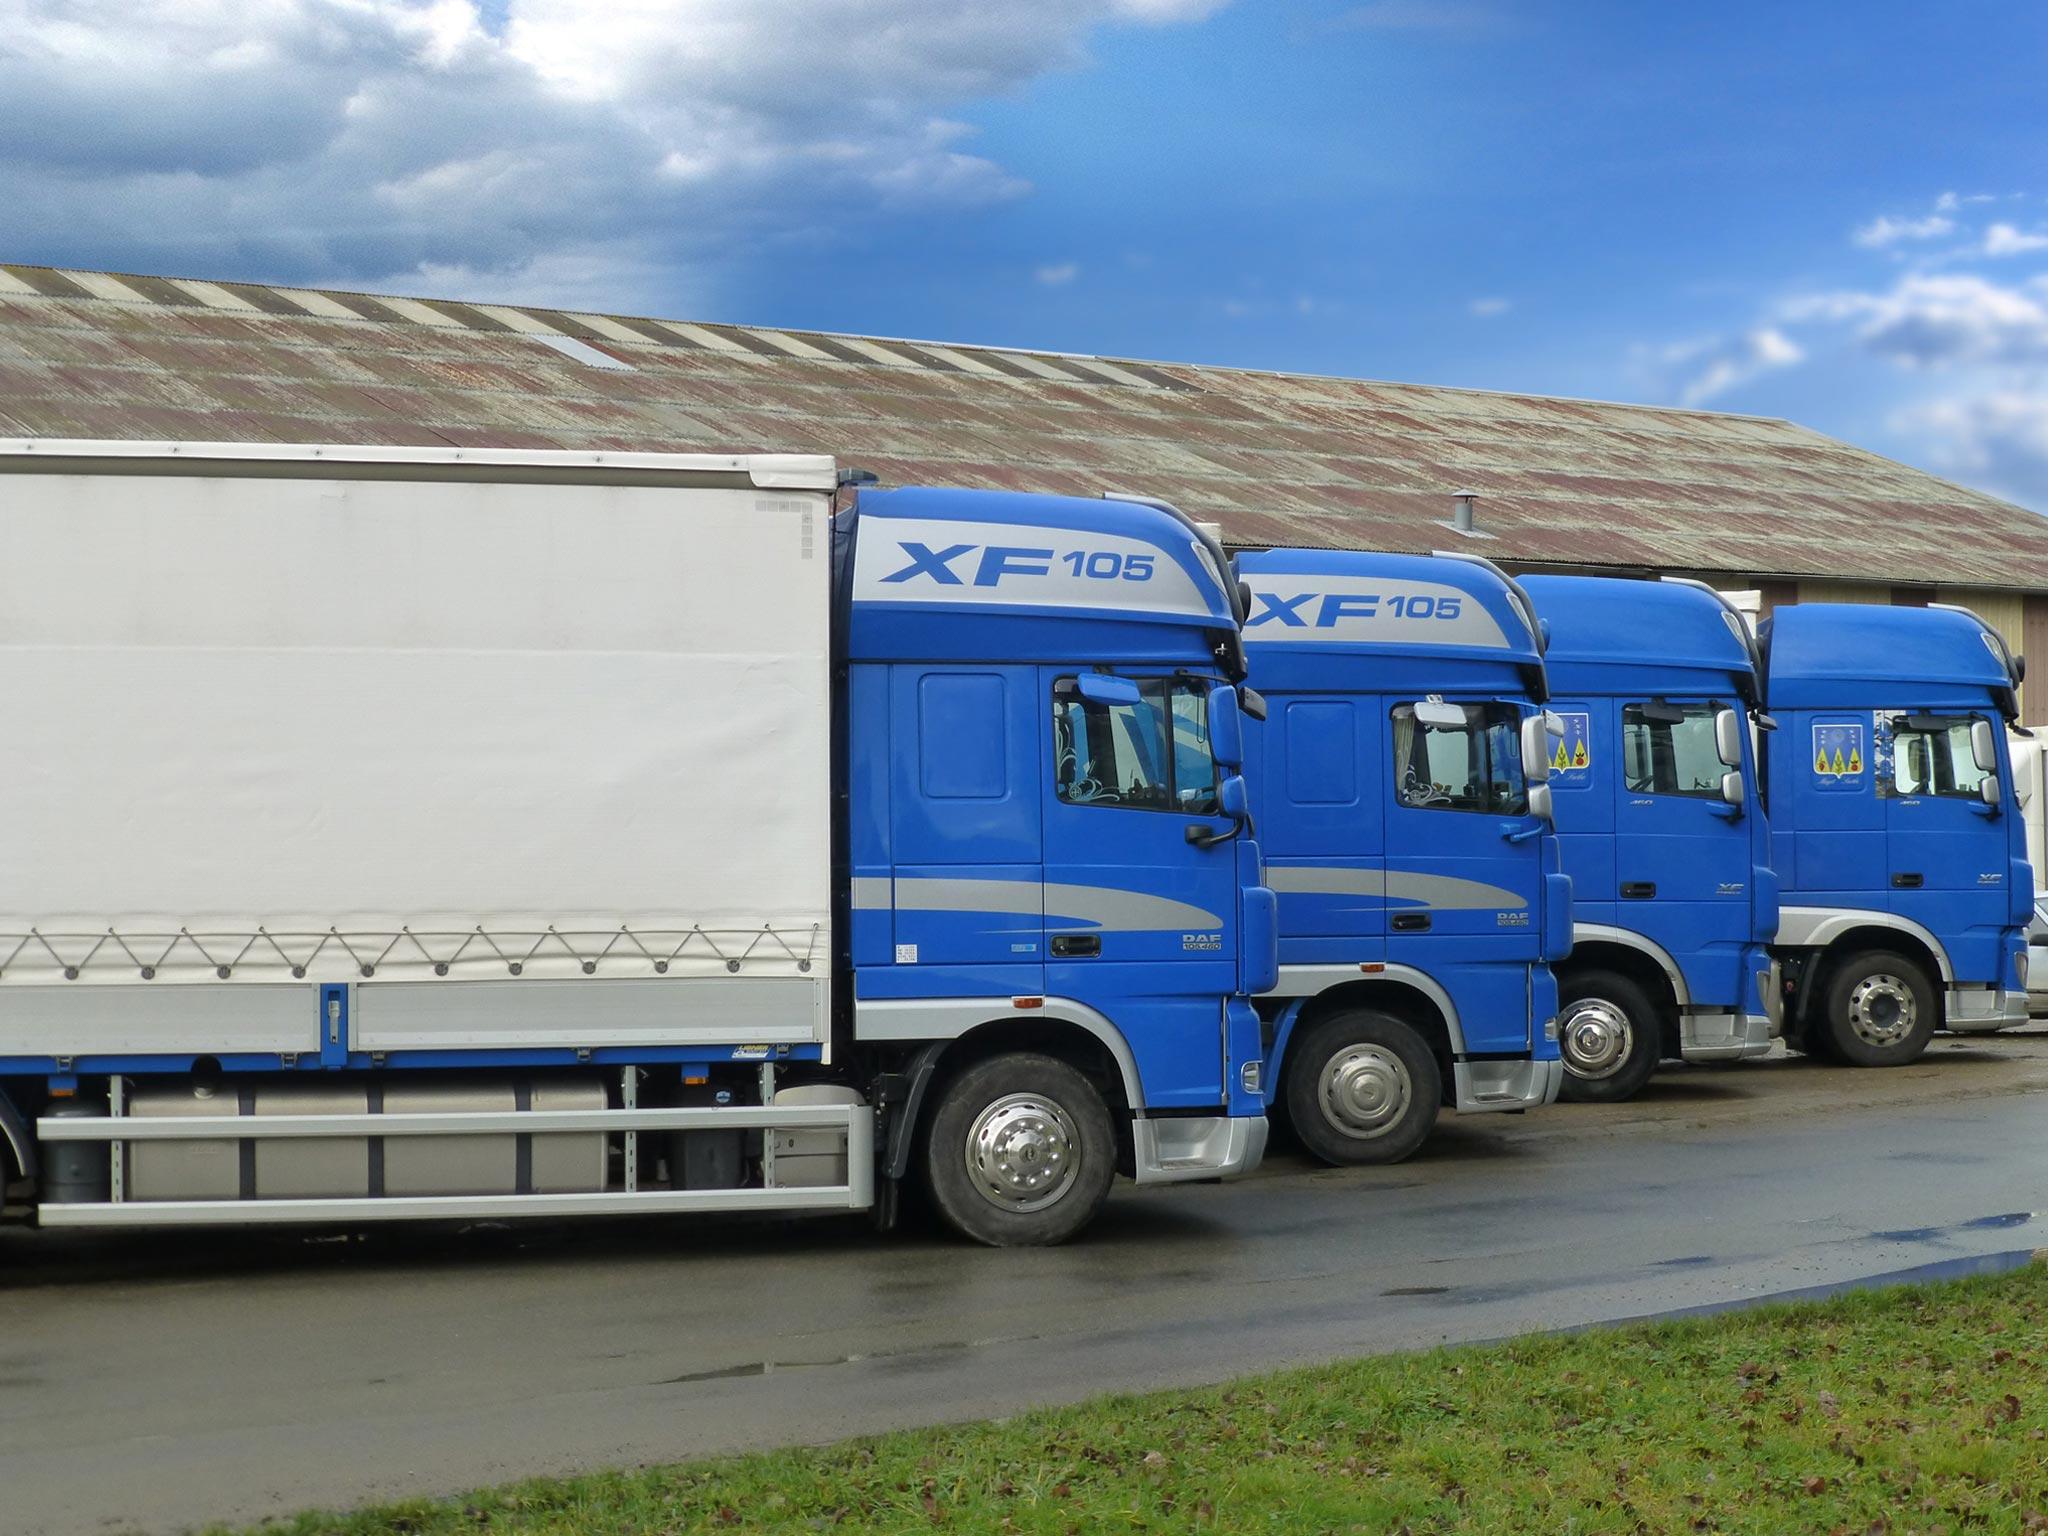 Flotte de poids lourds, transporteur en Sarthe (Vannier)